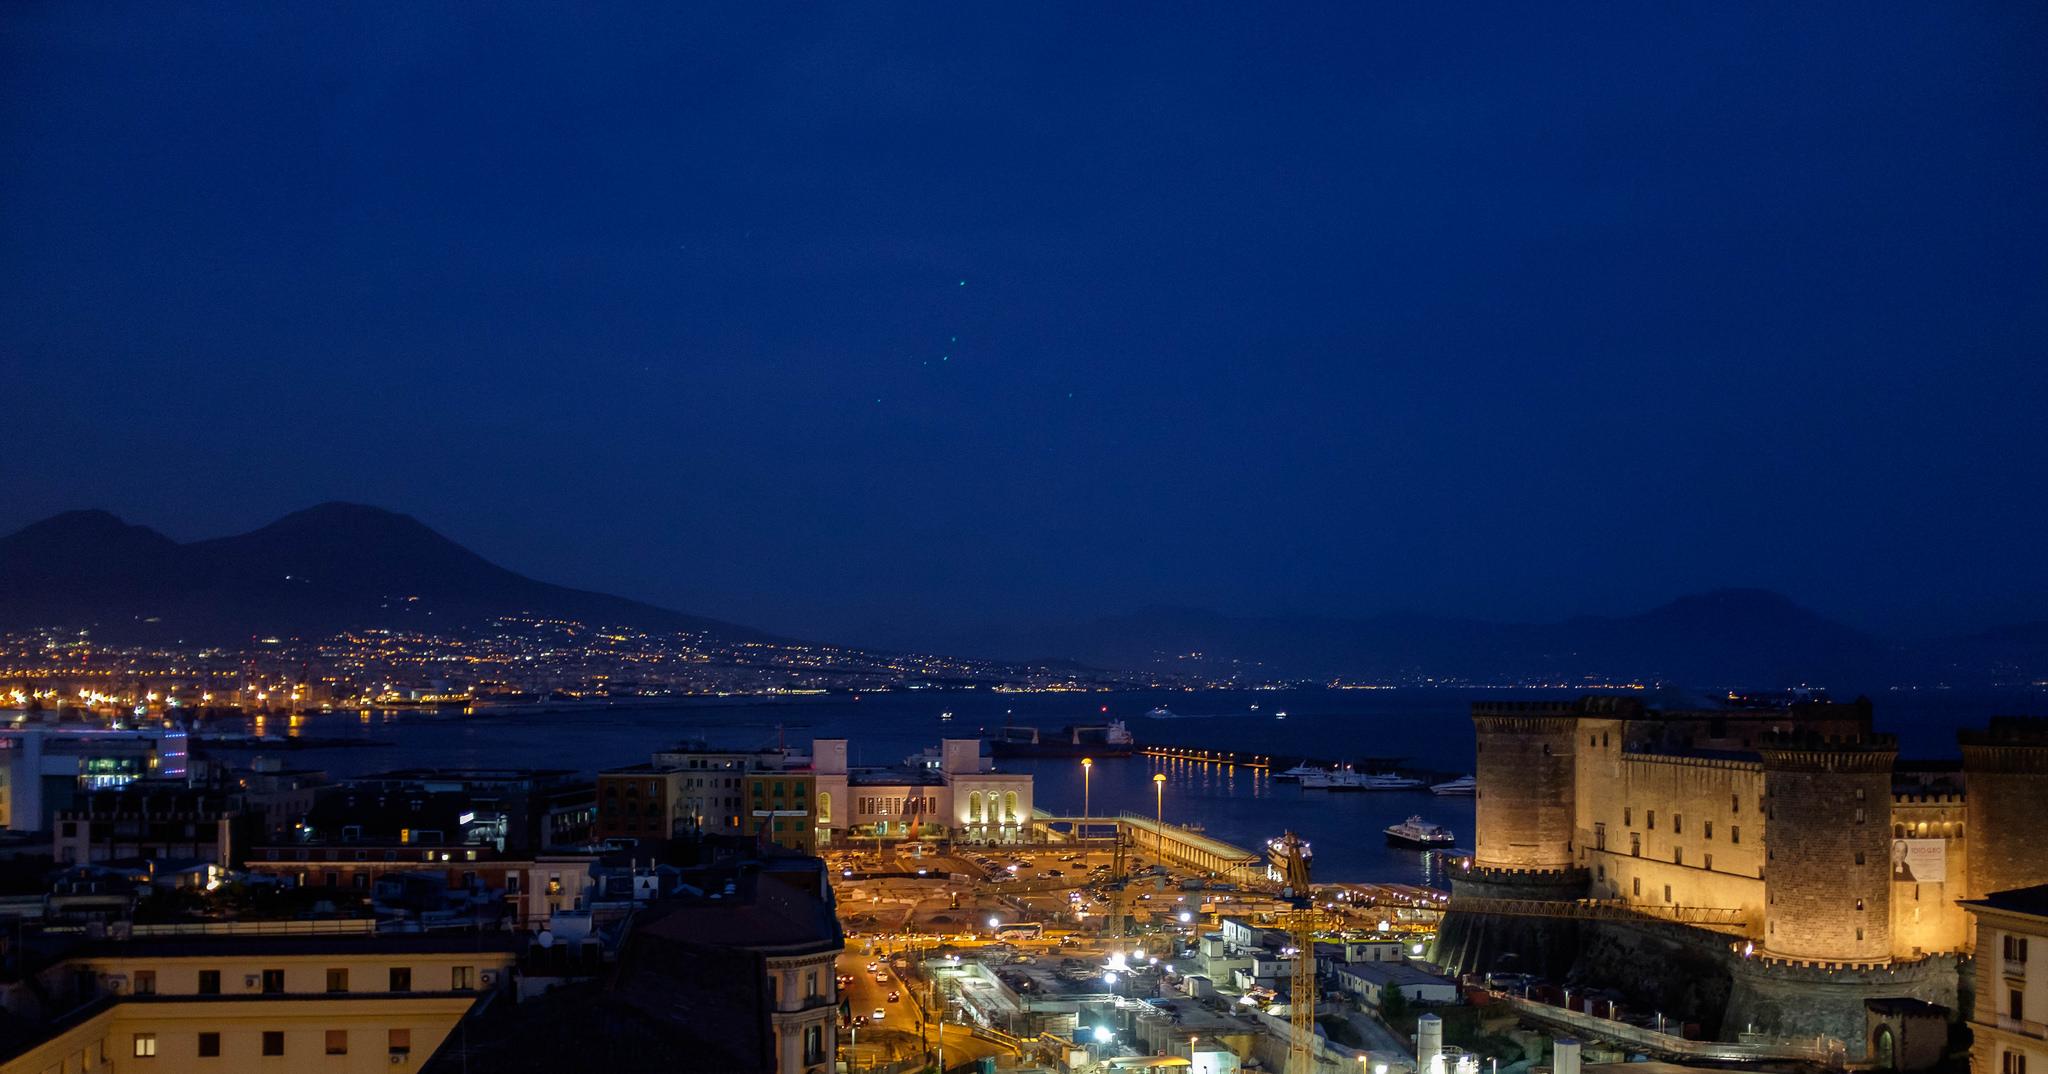 Bay of Naples, Italy, June 4, 2017   © Courtesy of sarahtarno.